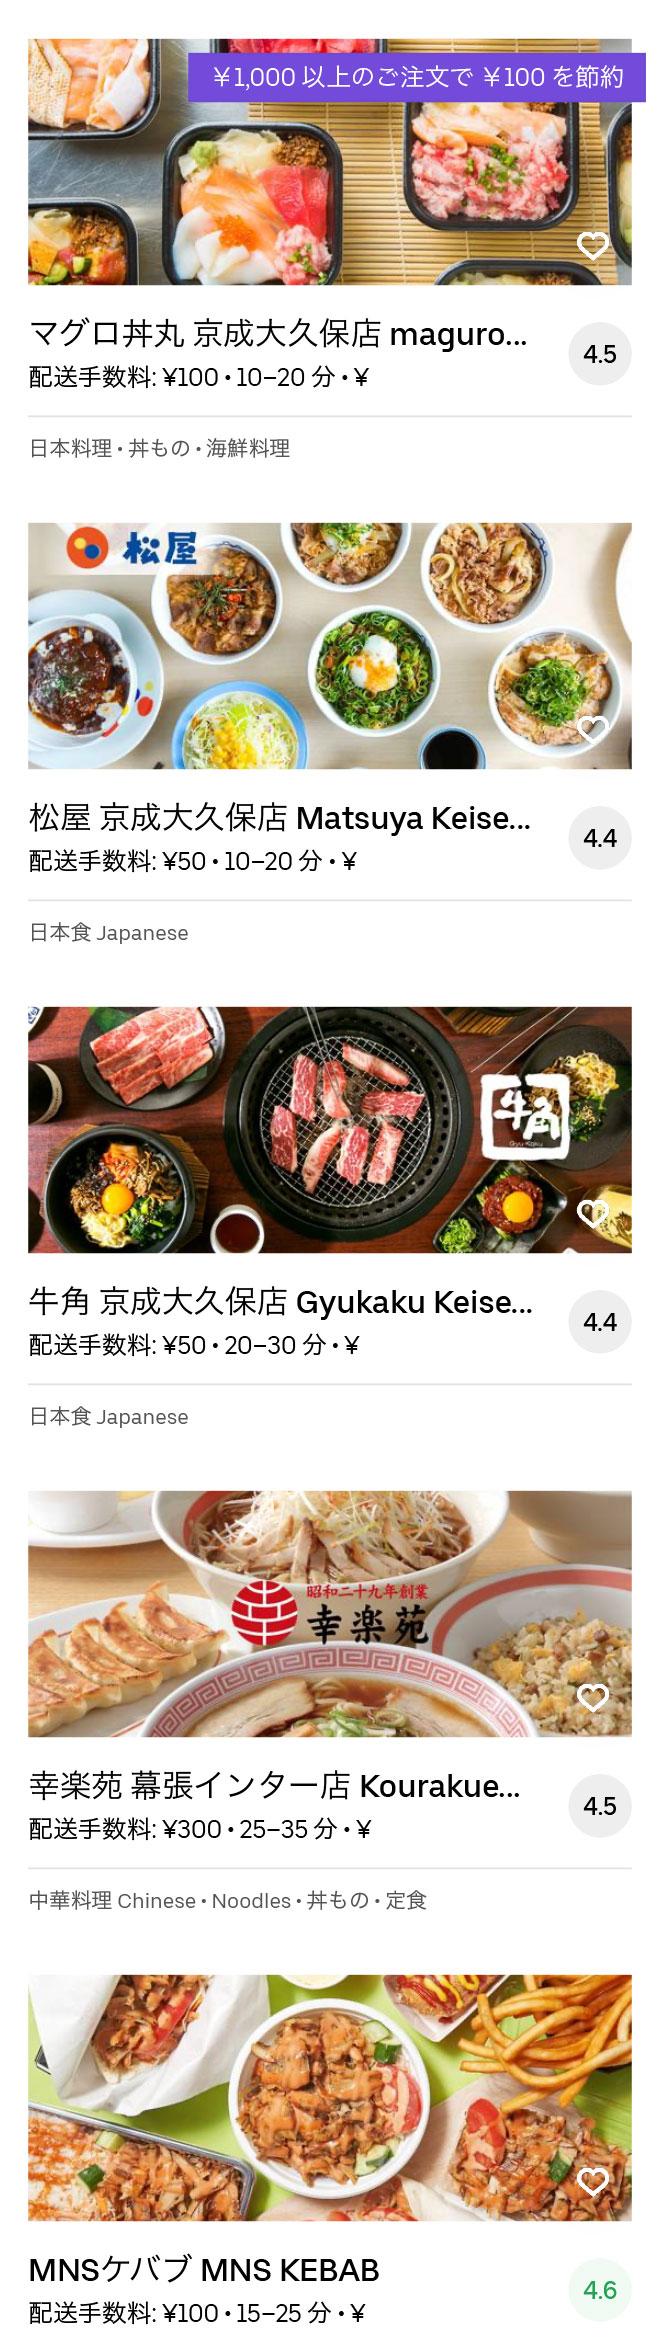 Narashino ookubo menu 2004 02